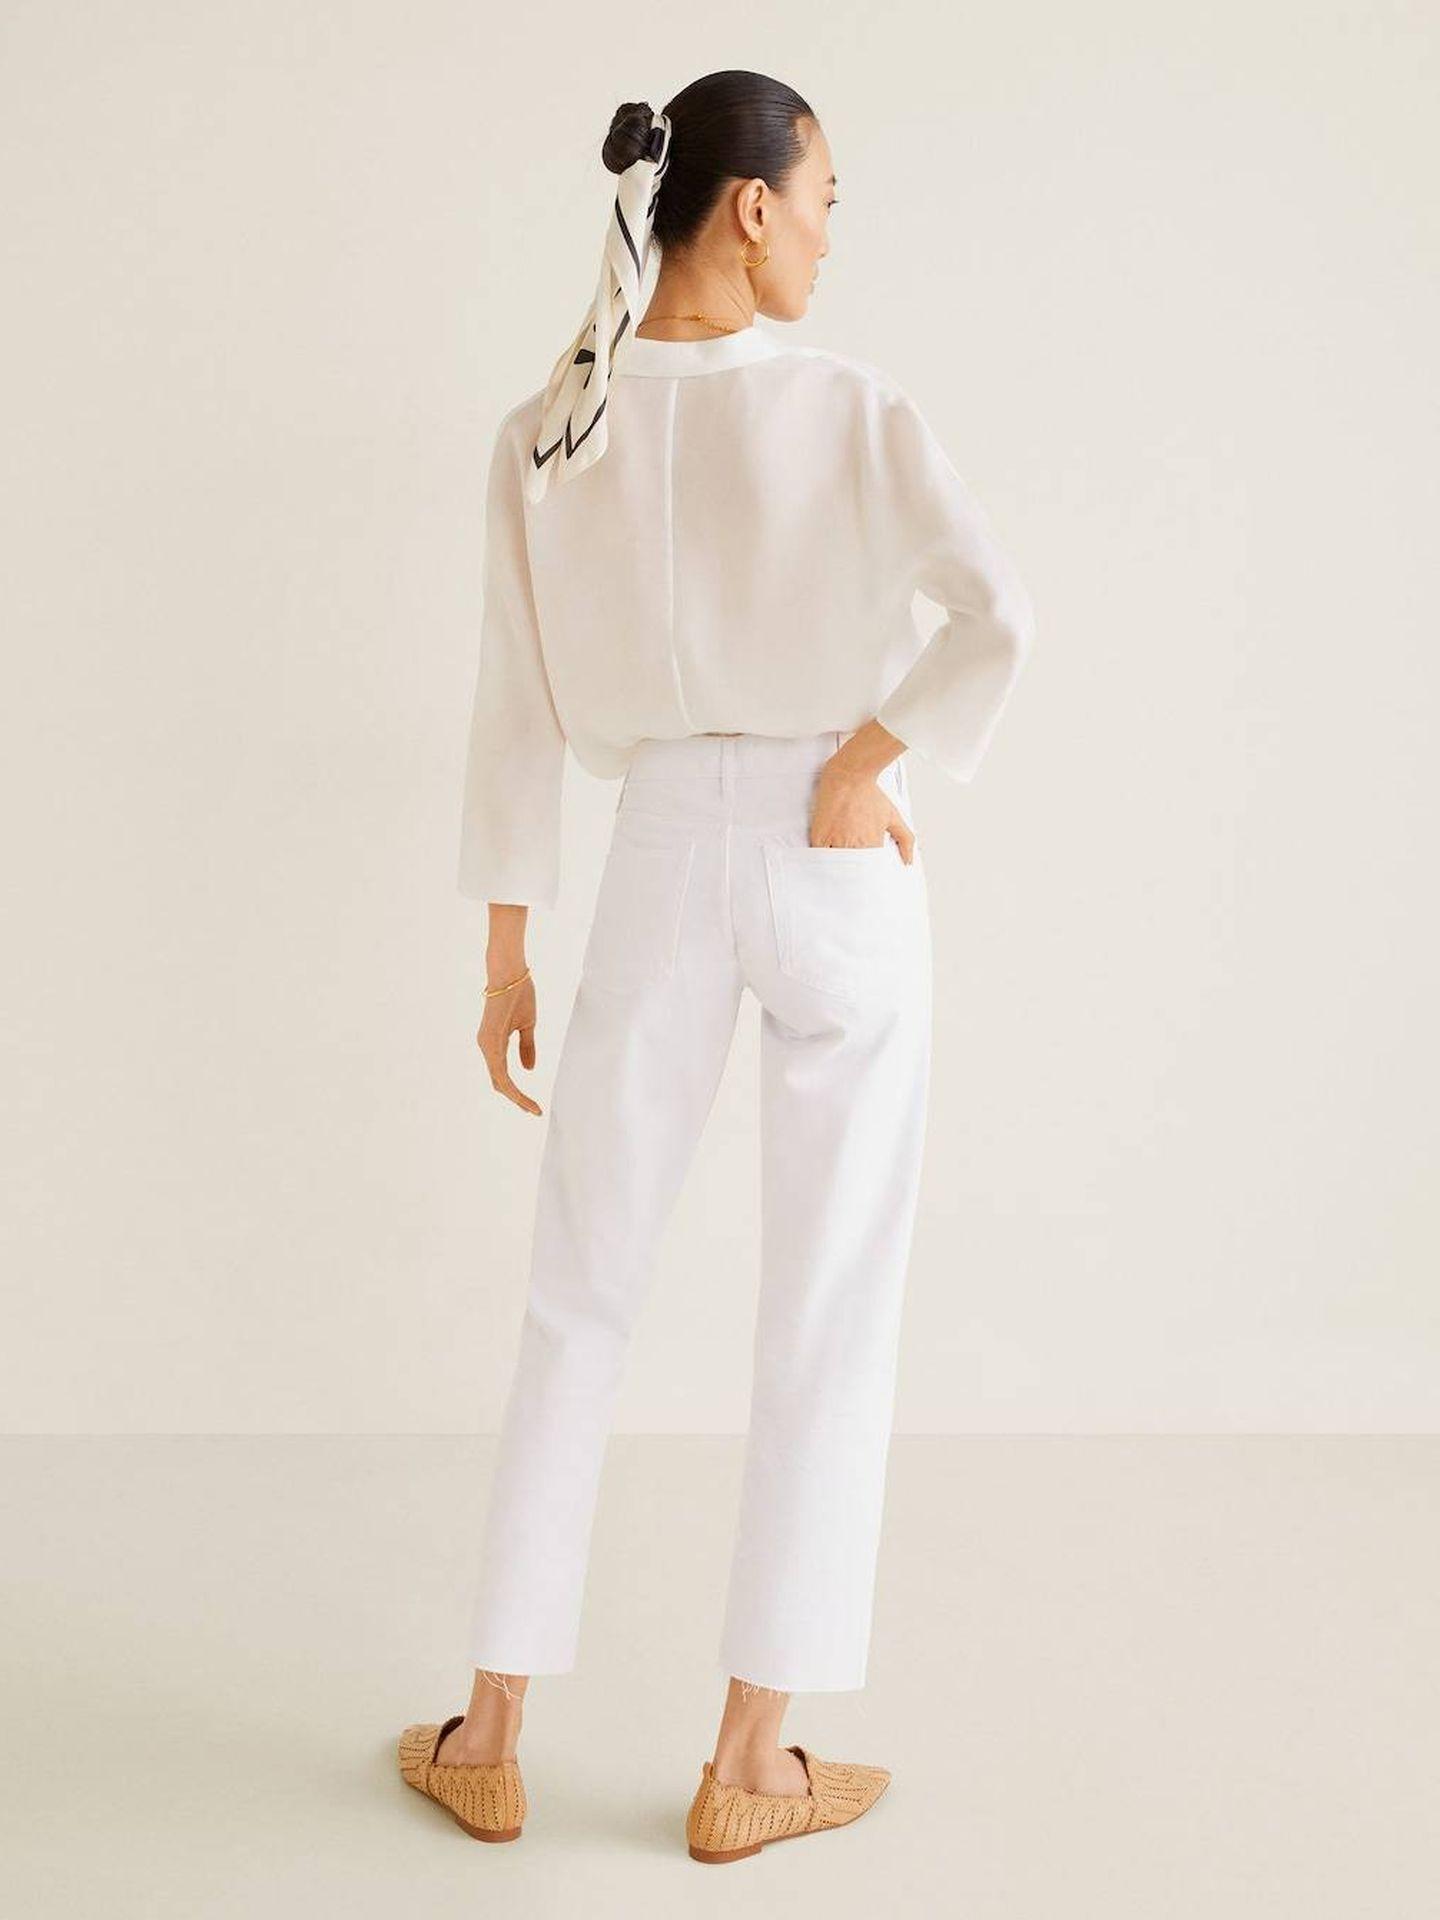 El pantalón vaquero blanco de Mango Outlet. (Cortesía)